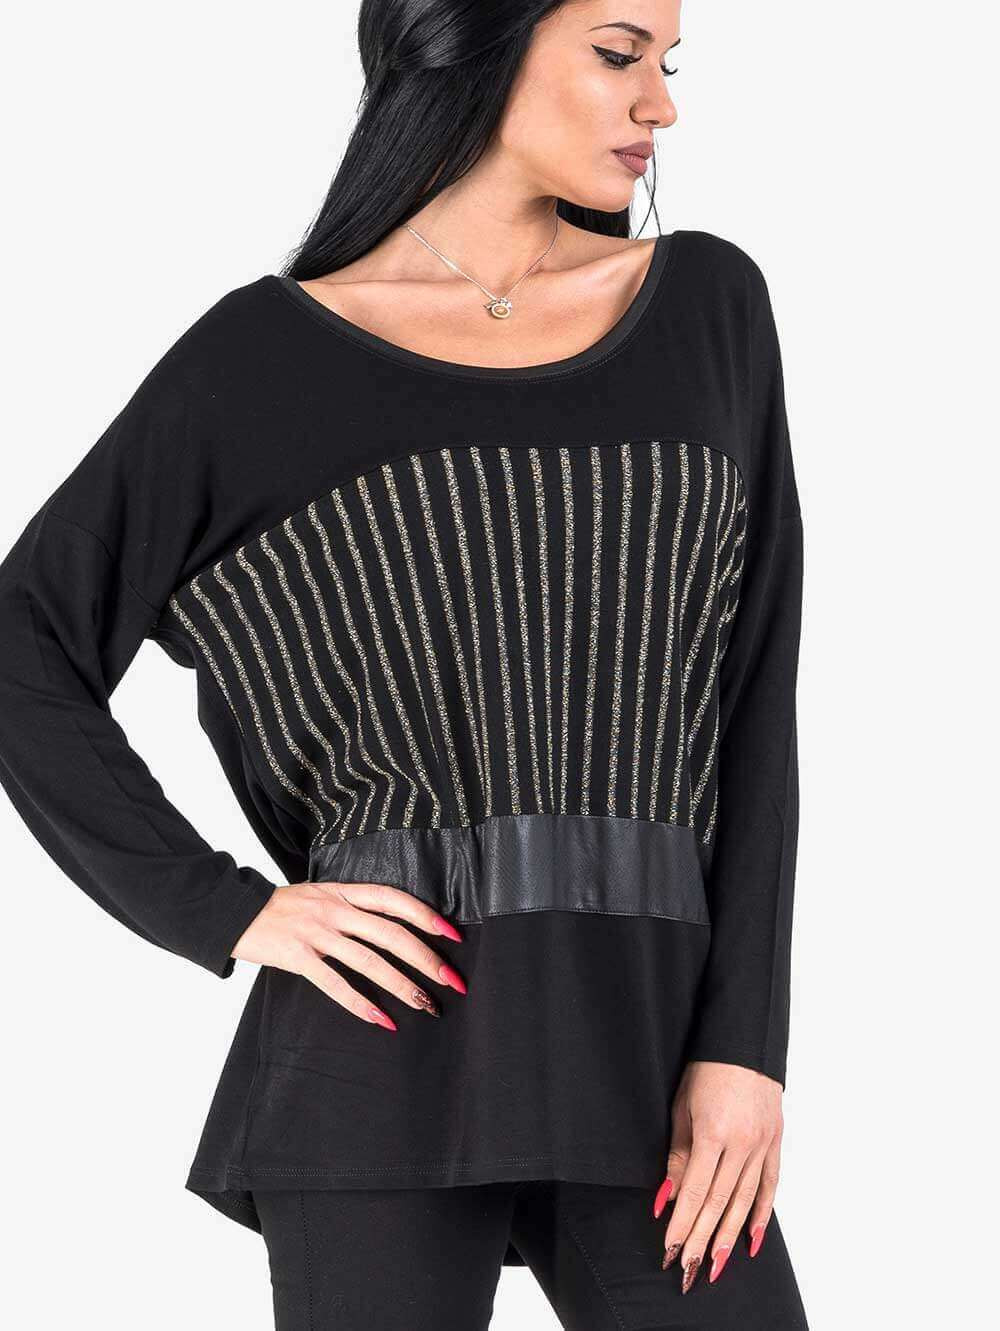 6ce78d20c50 Елегантна блуза с паднал ръкав | Блузи с дълъг ръкав от INDIGO Fashion